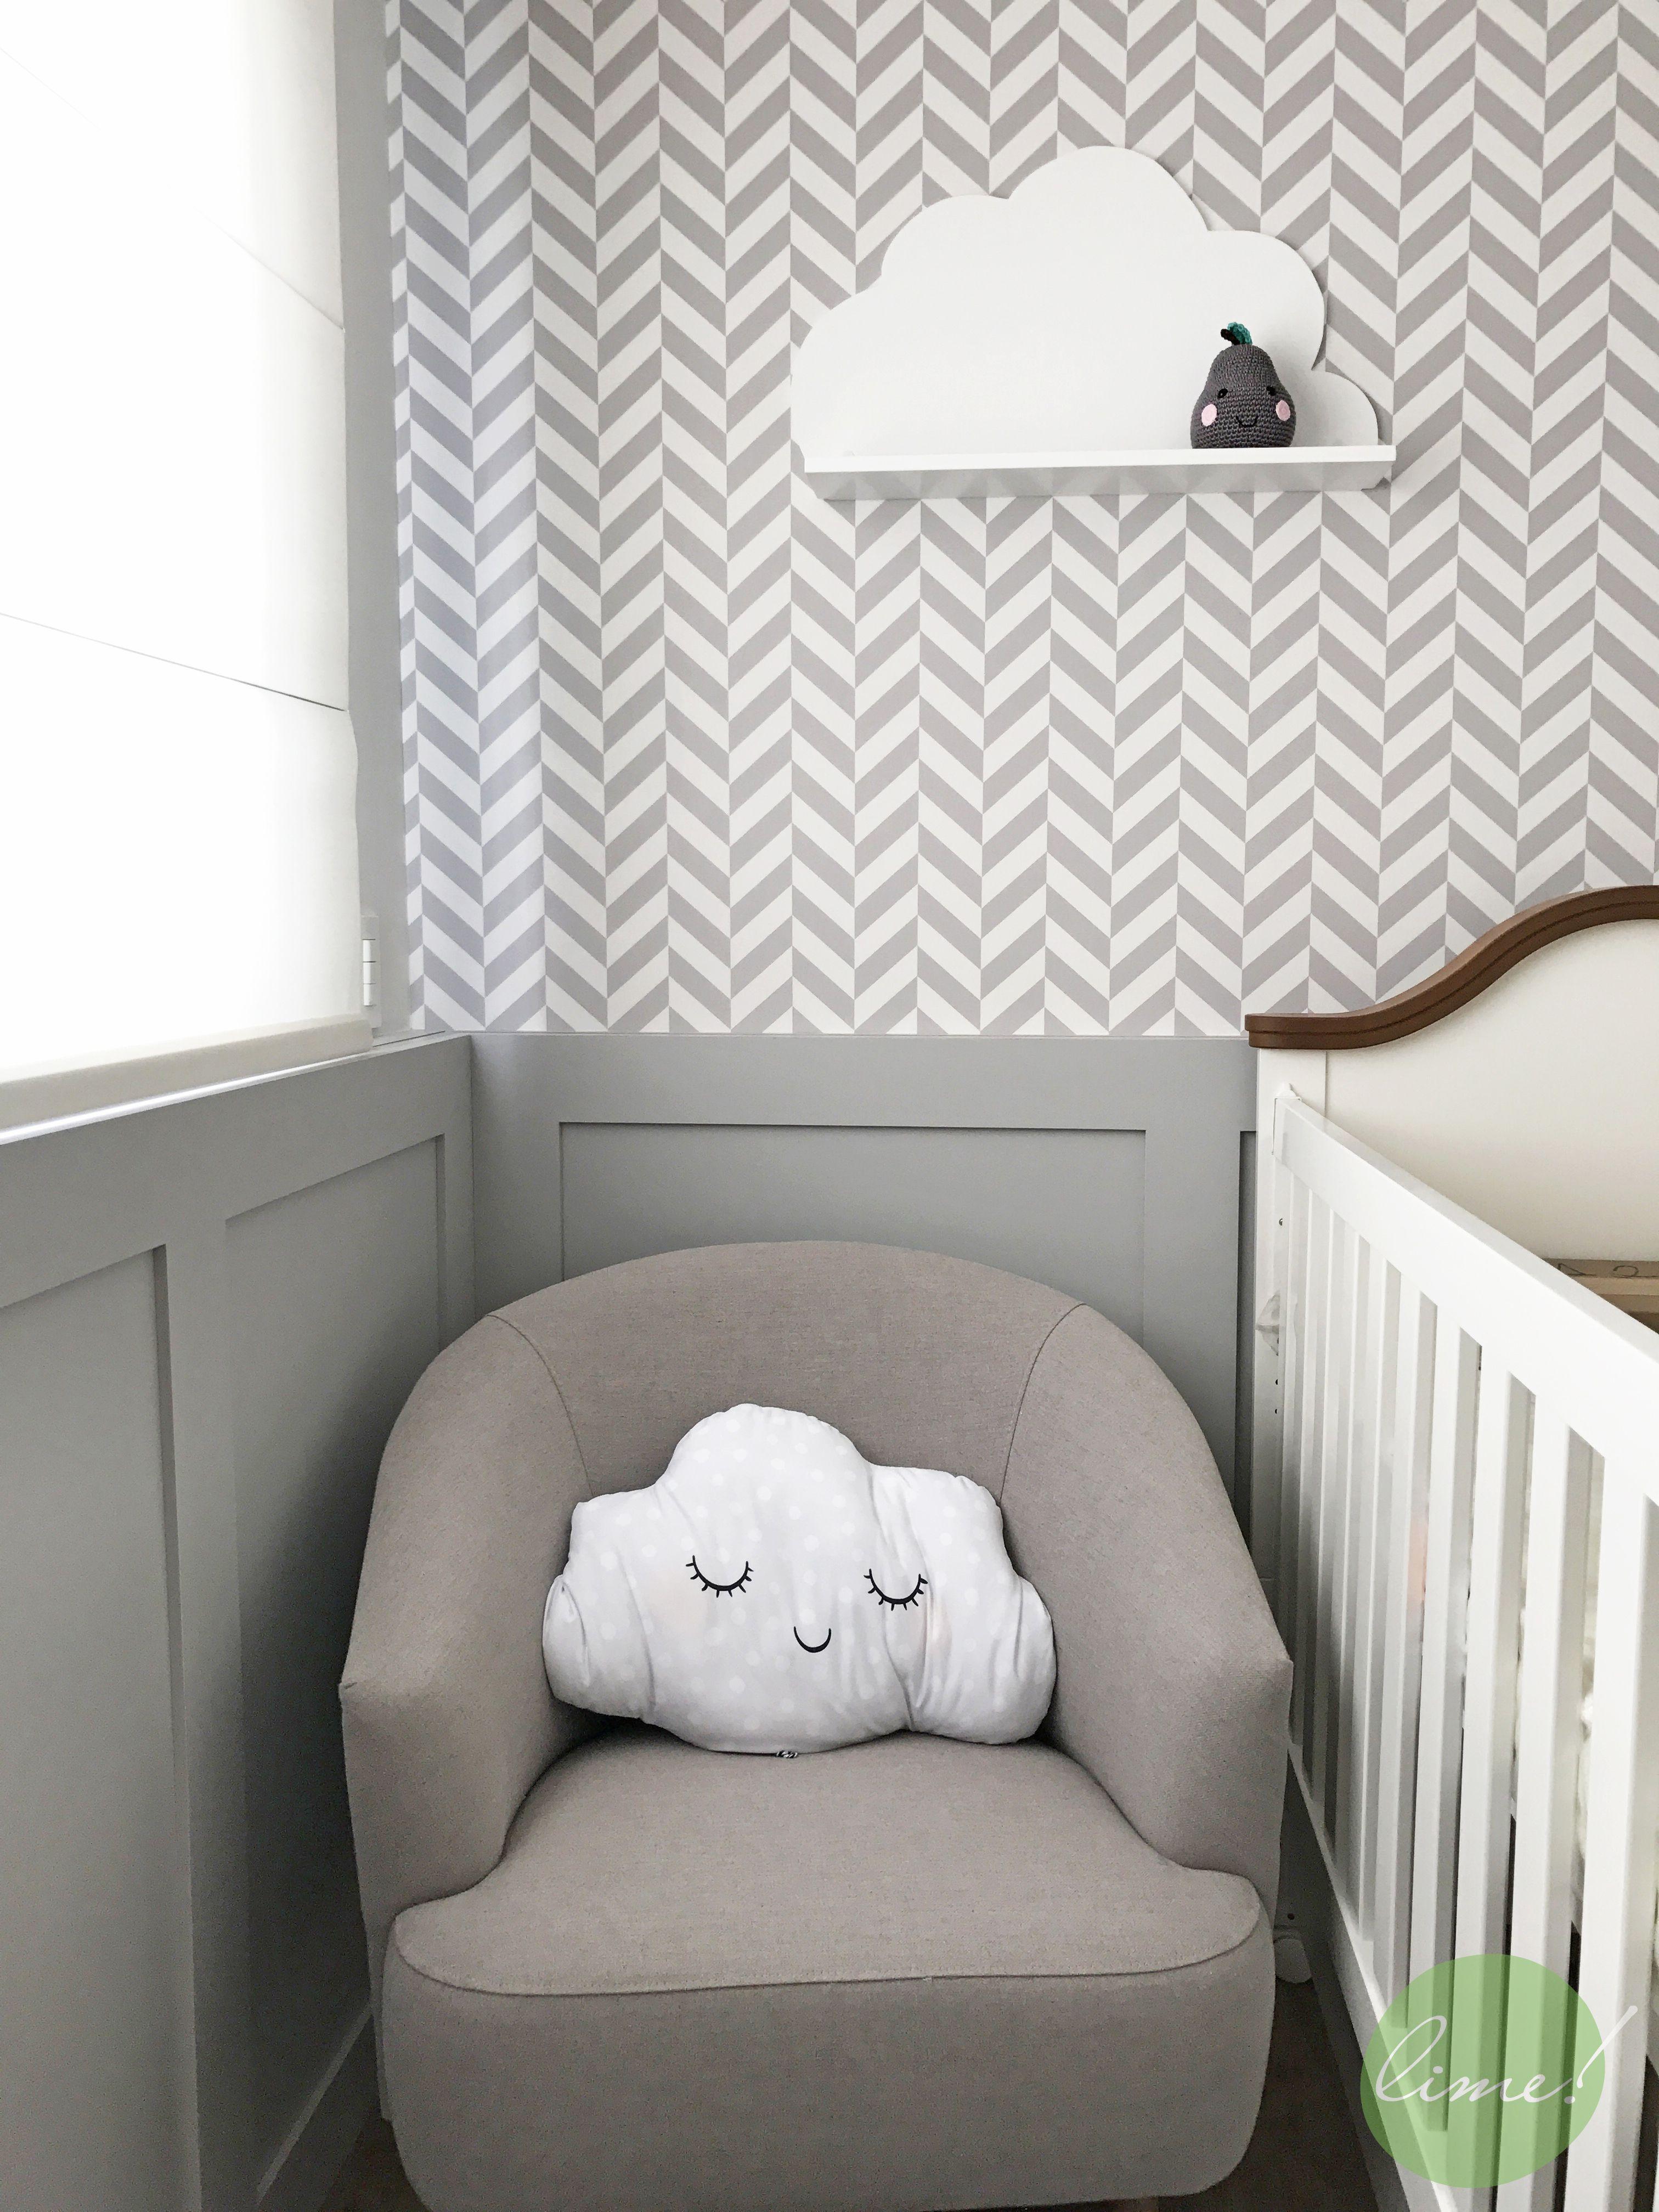 Pin Do A Lime Arquitetura Interiores Em Apto 73 G R  ~ Organizar Quarto Muito Bagunçado Com Tema Quarto De Bebe Feminino